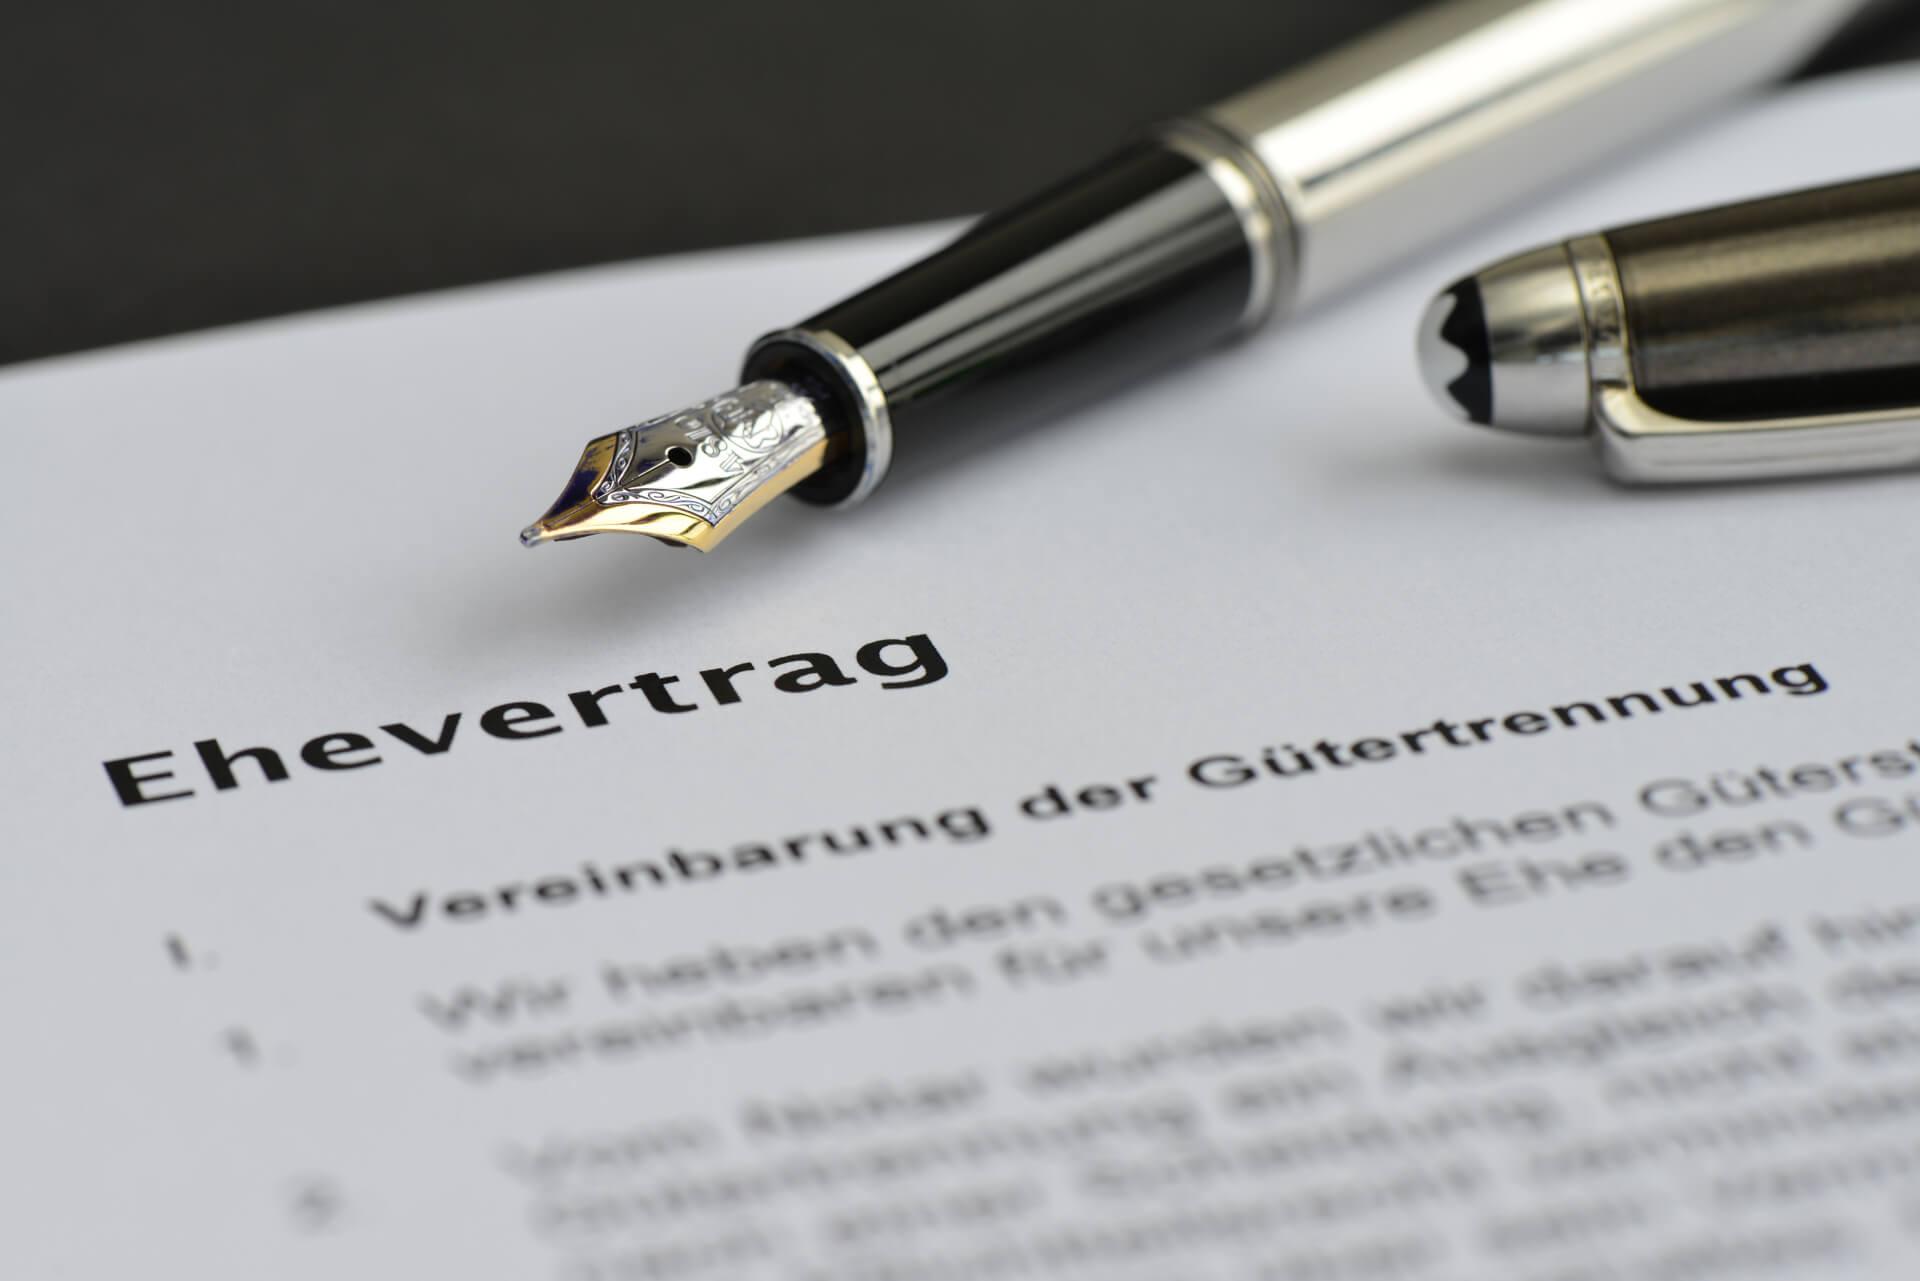 Abbildung Ehevertrag mit Stift